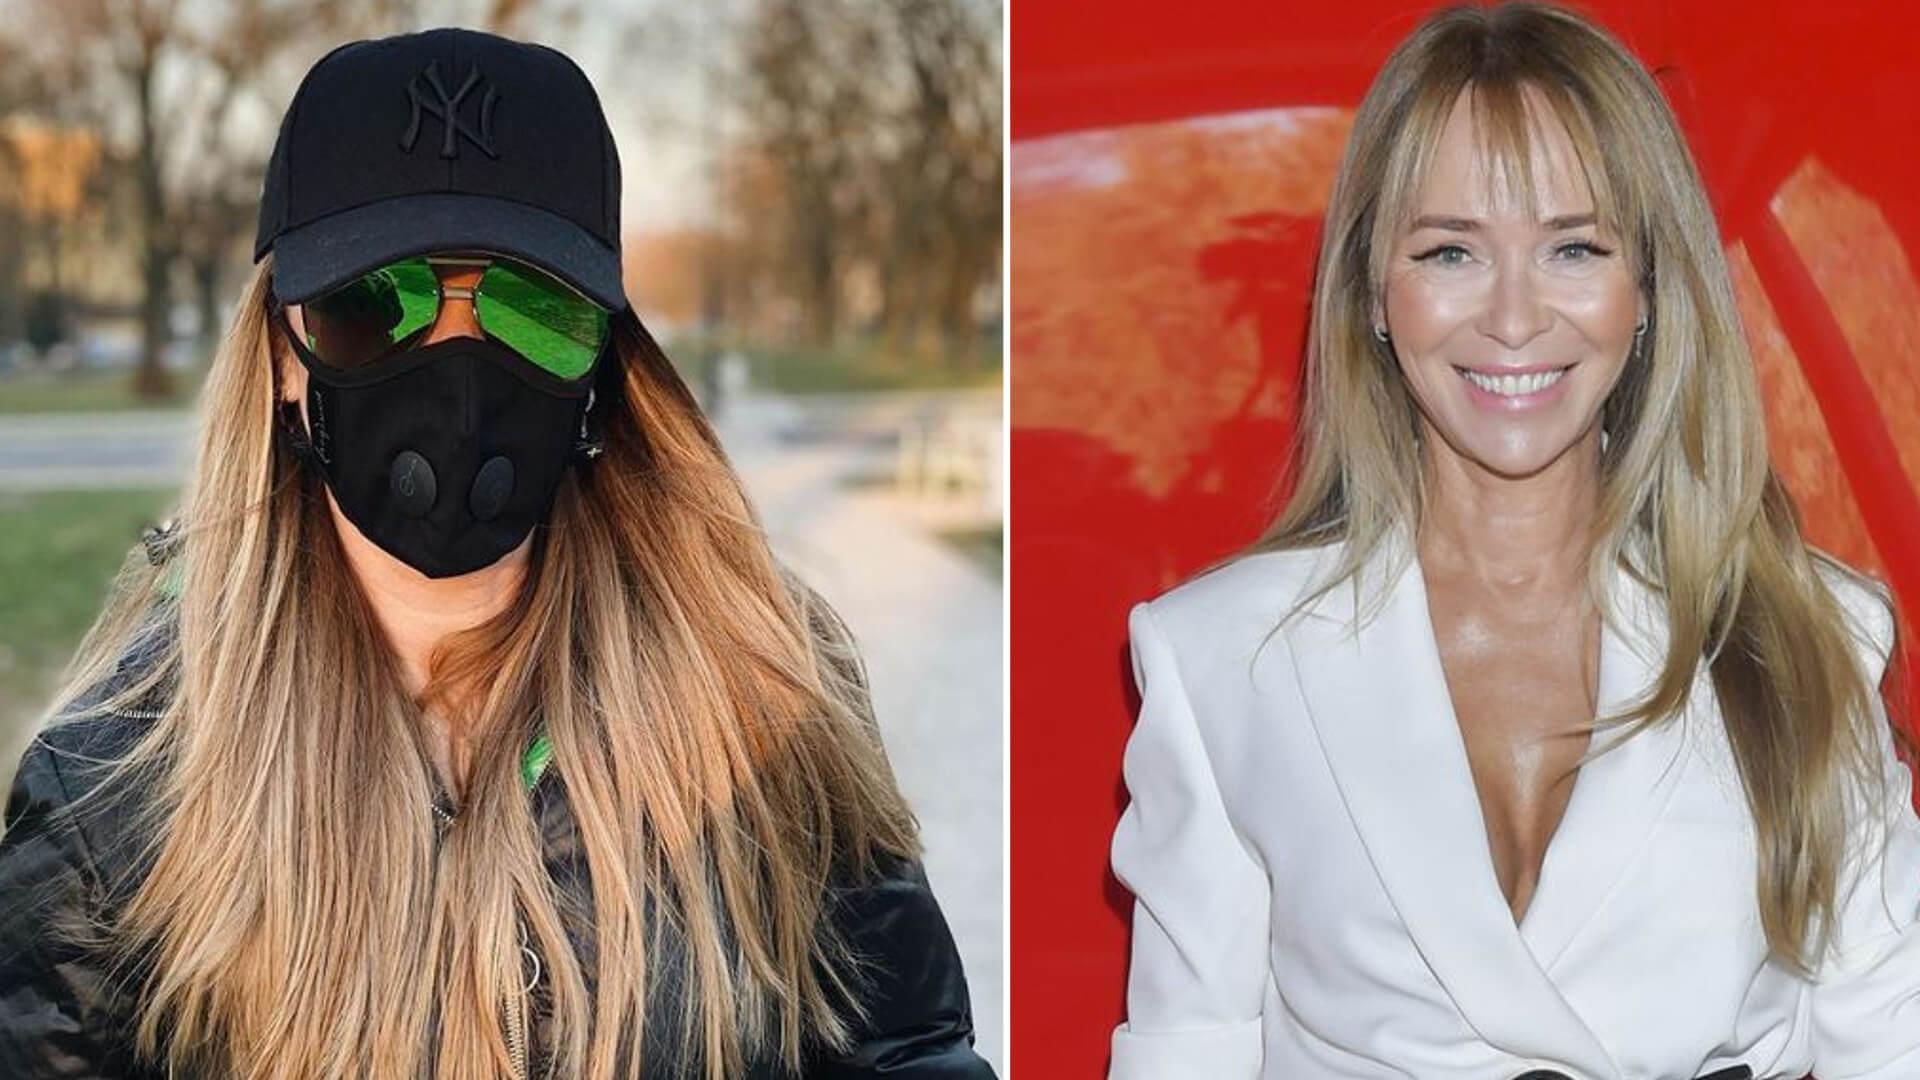 Joanna Przetakiewicz zachęca do noszenia maseczek na twarzy, w komentarzach zażarta dyskusja